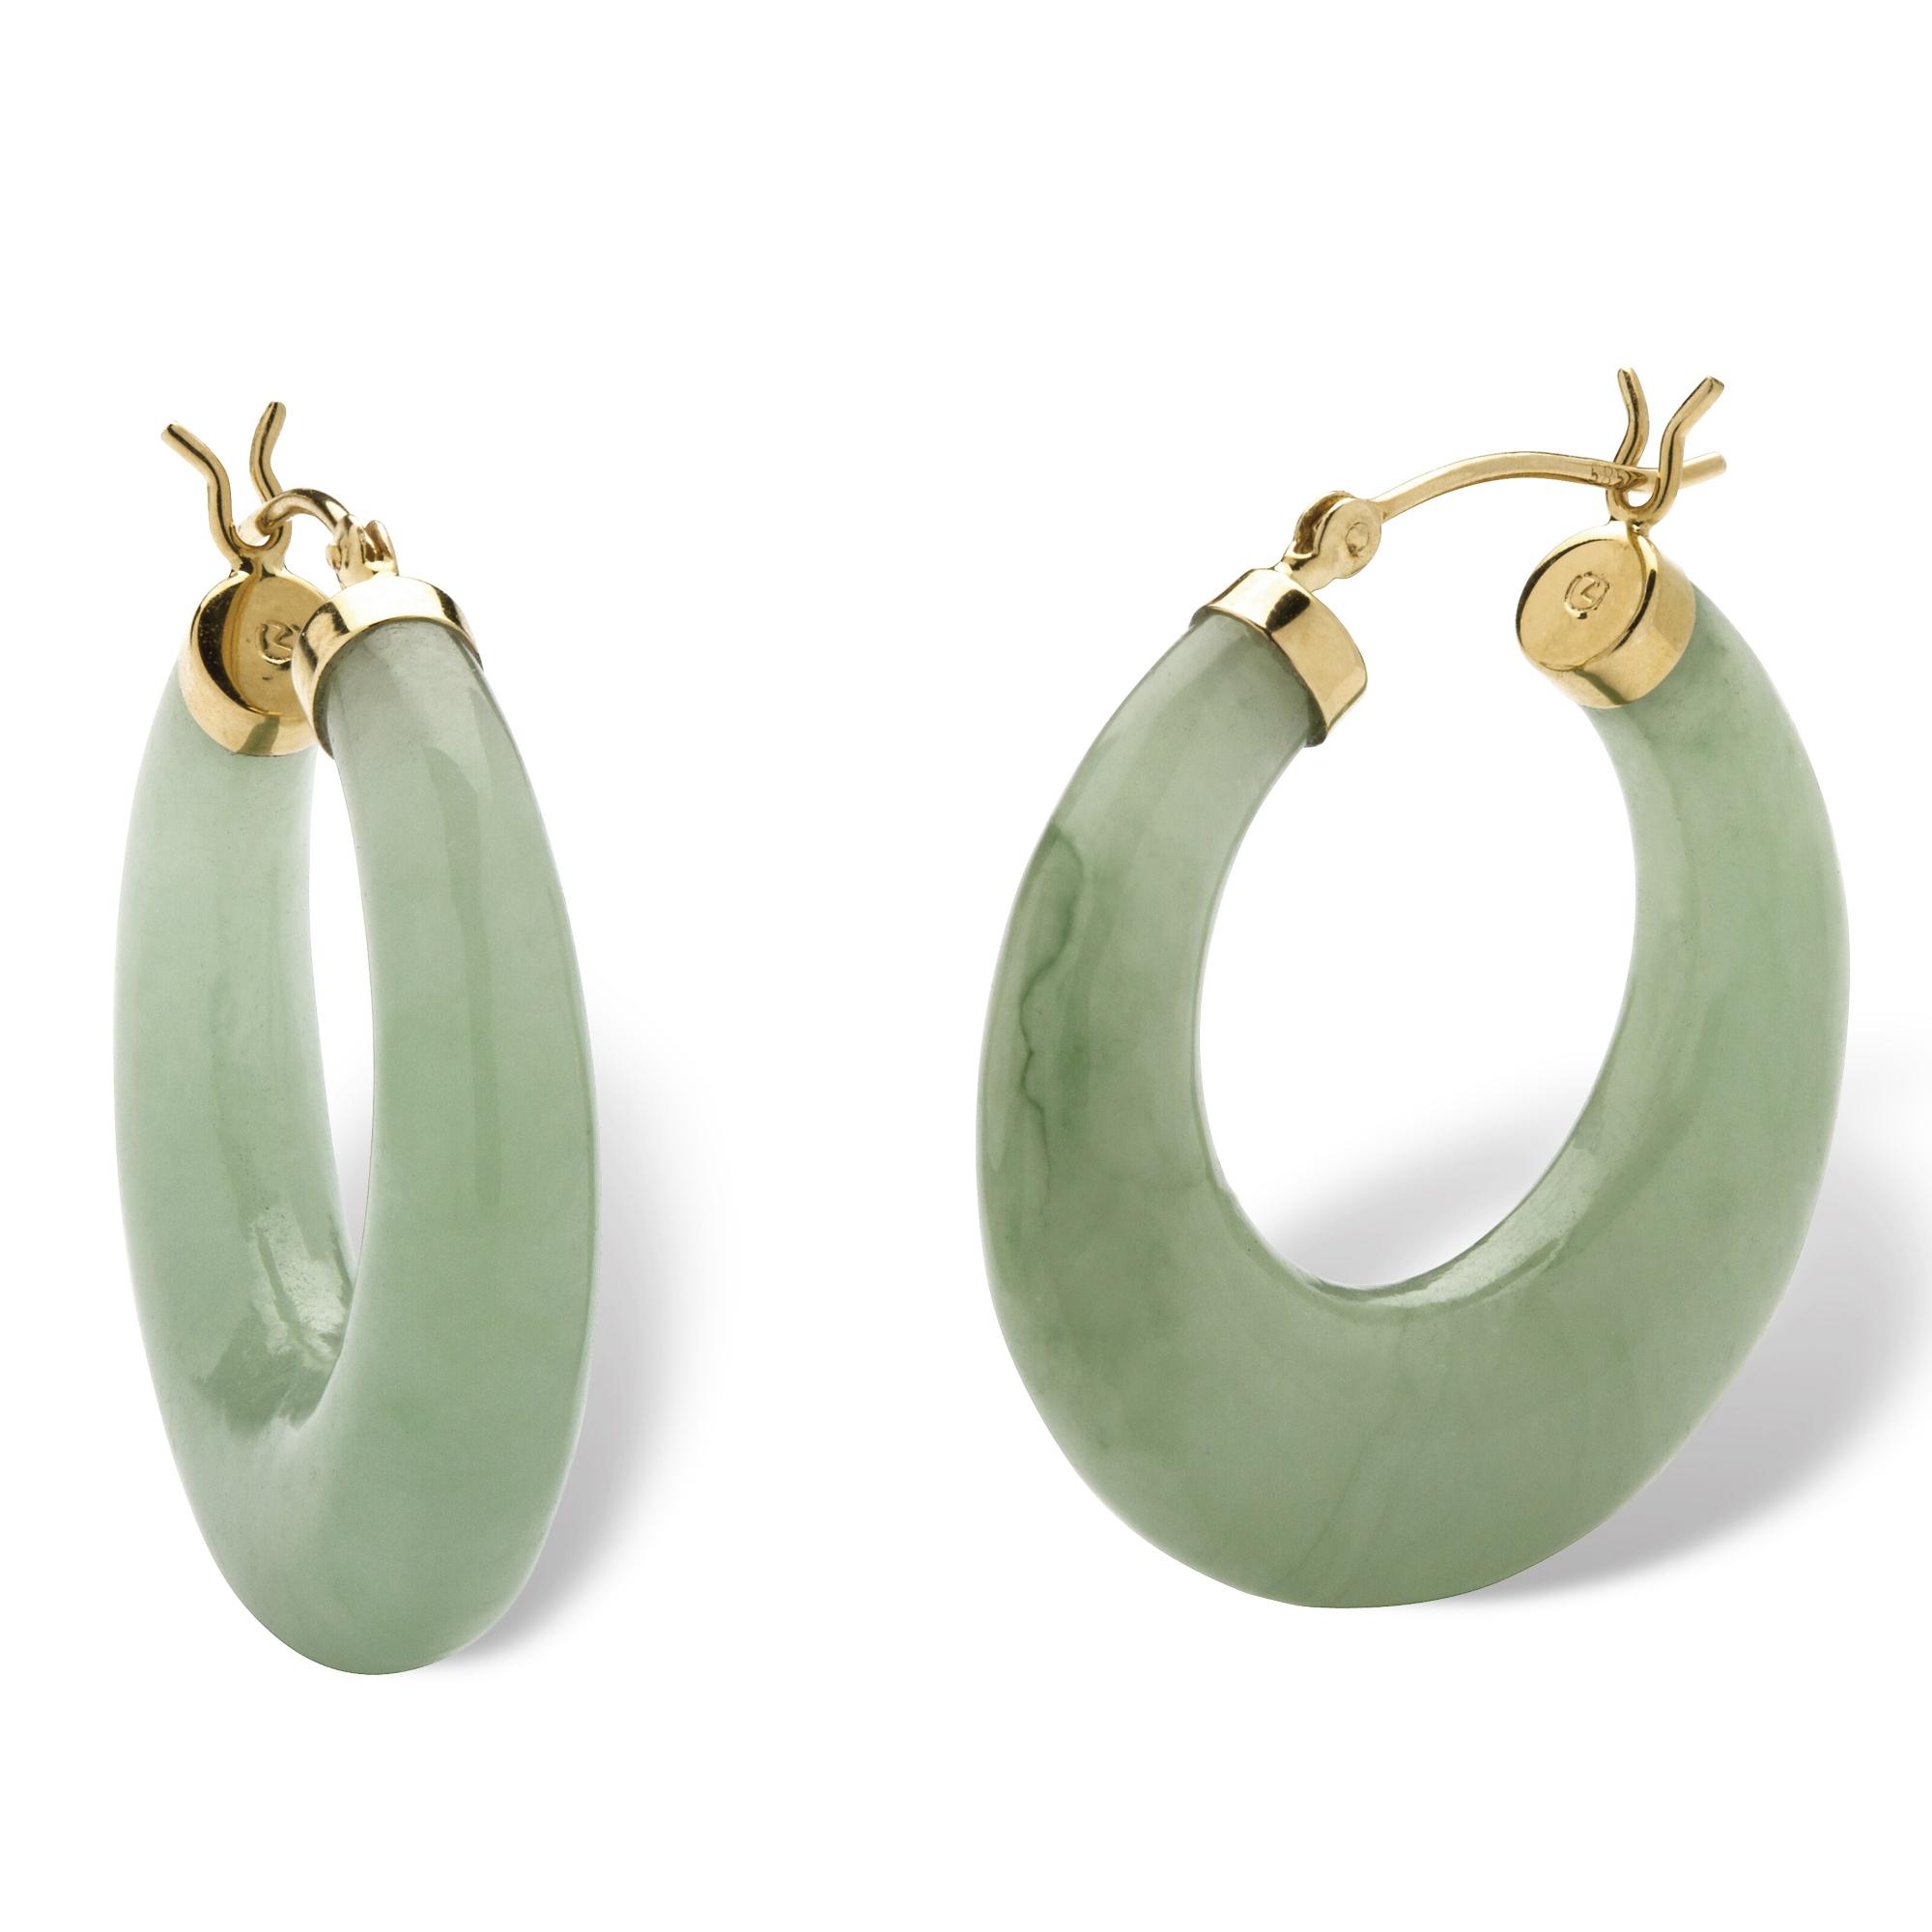 Palmbeach Jewelry Jade 14k Yellow Gold Hoop Earrings